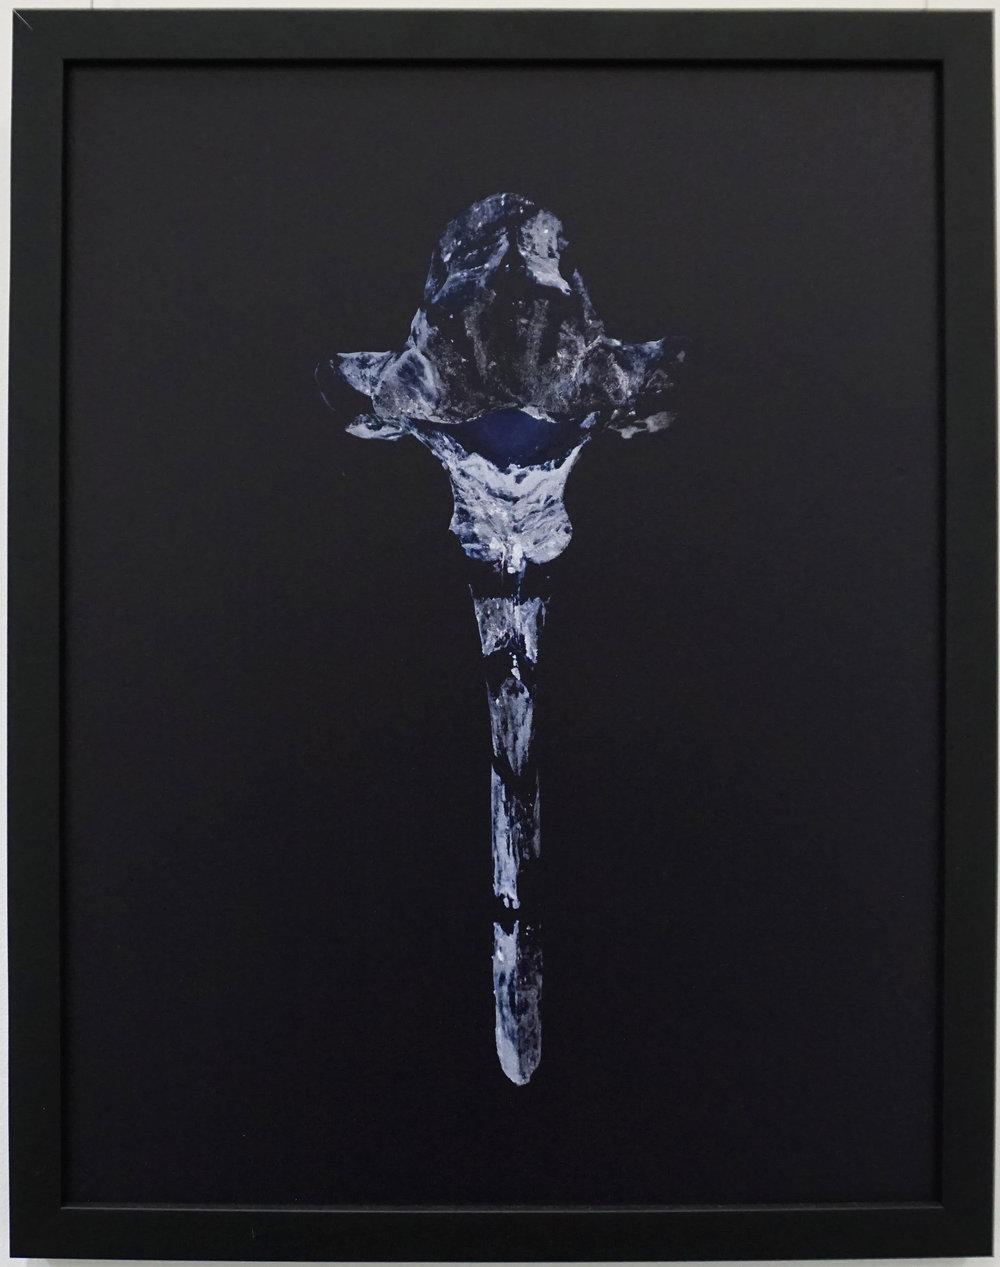 10. Stephanie Reisch, The Empress, 2015, pigment on gesso panel, 35 x 45 cm, $400